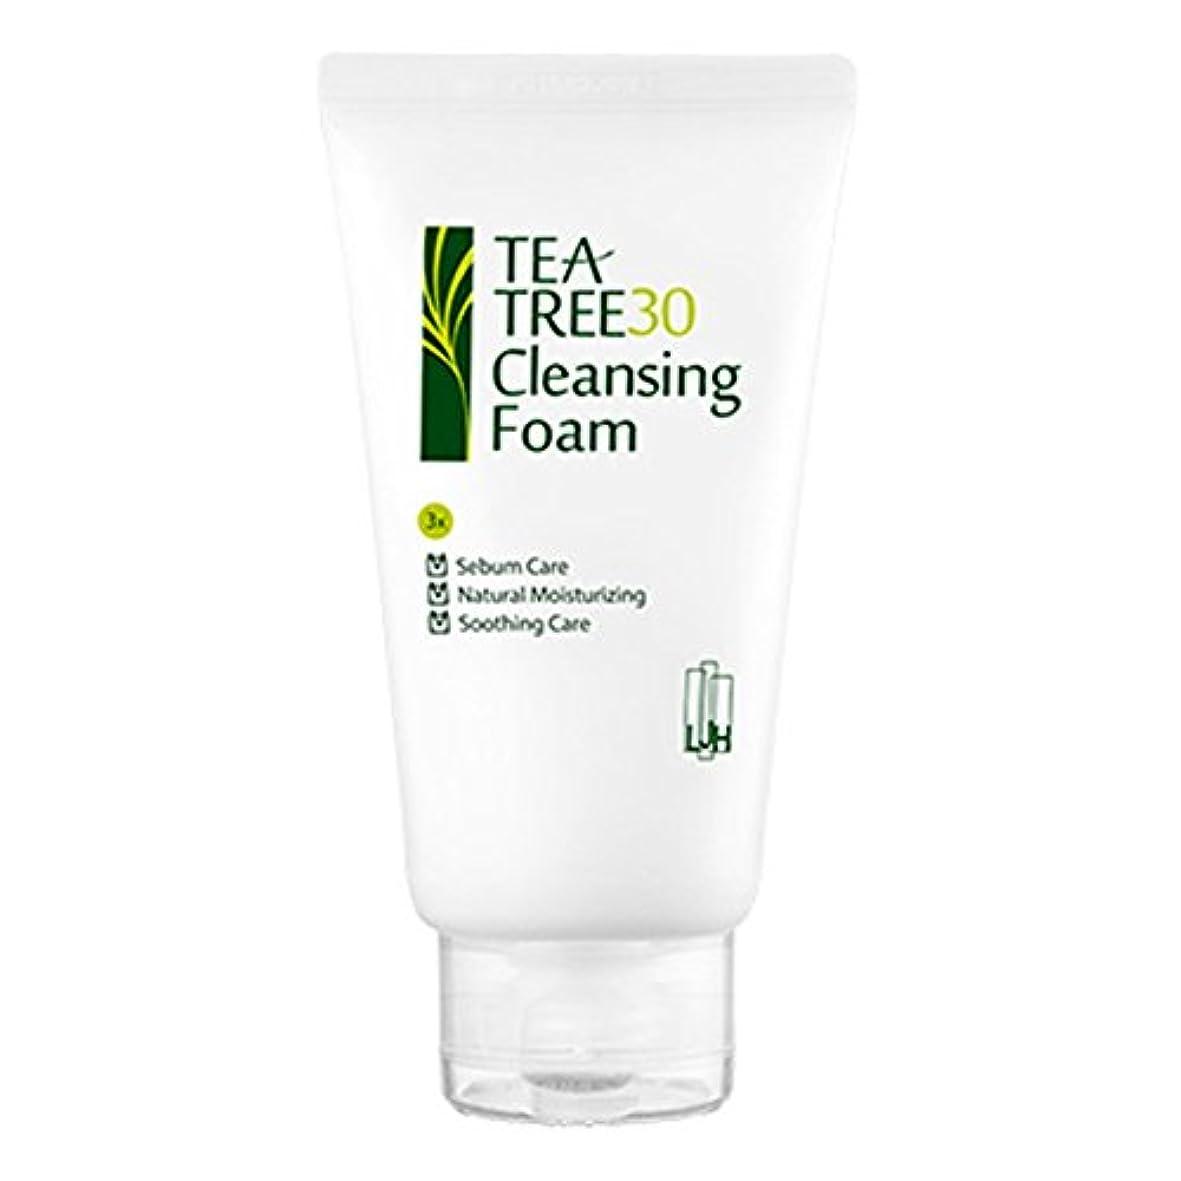 美人いつでもパット(イジハム) LeeGeeHaam Tea tree 30 Cleansing Foam 150ml (海外直送品)